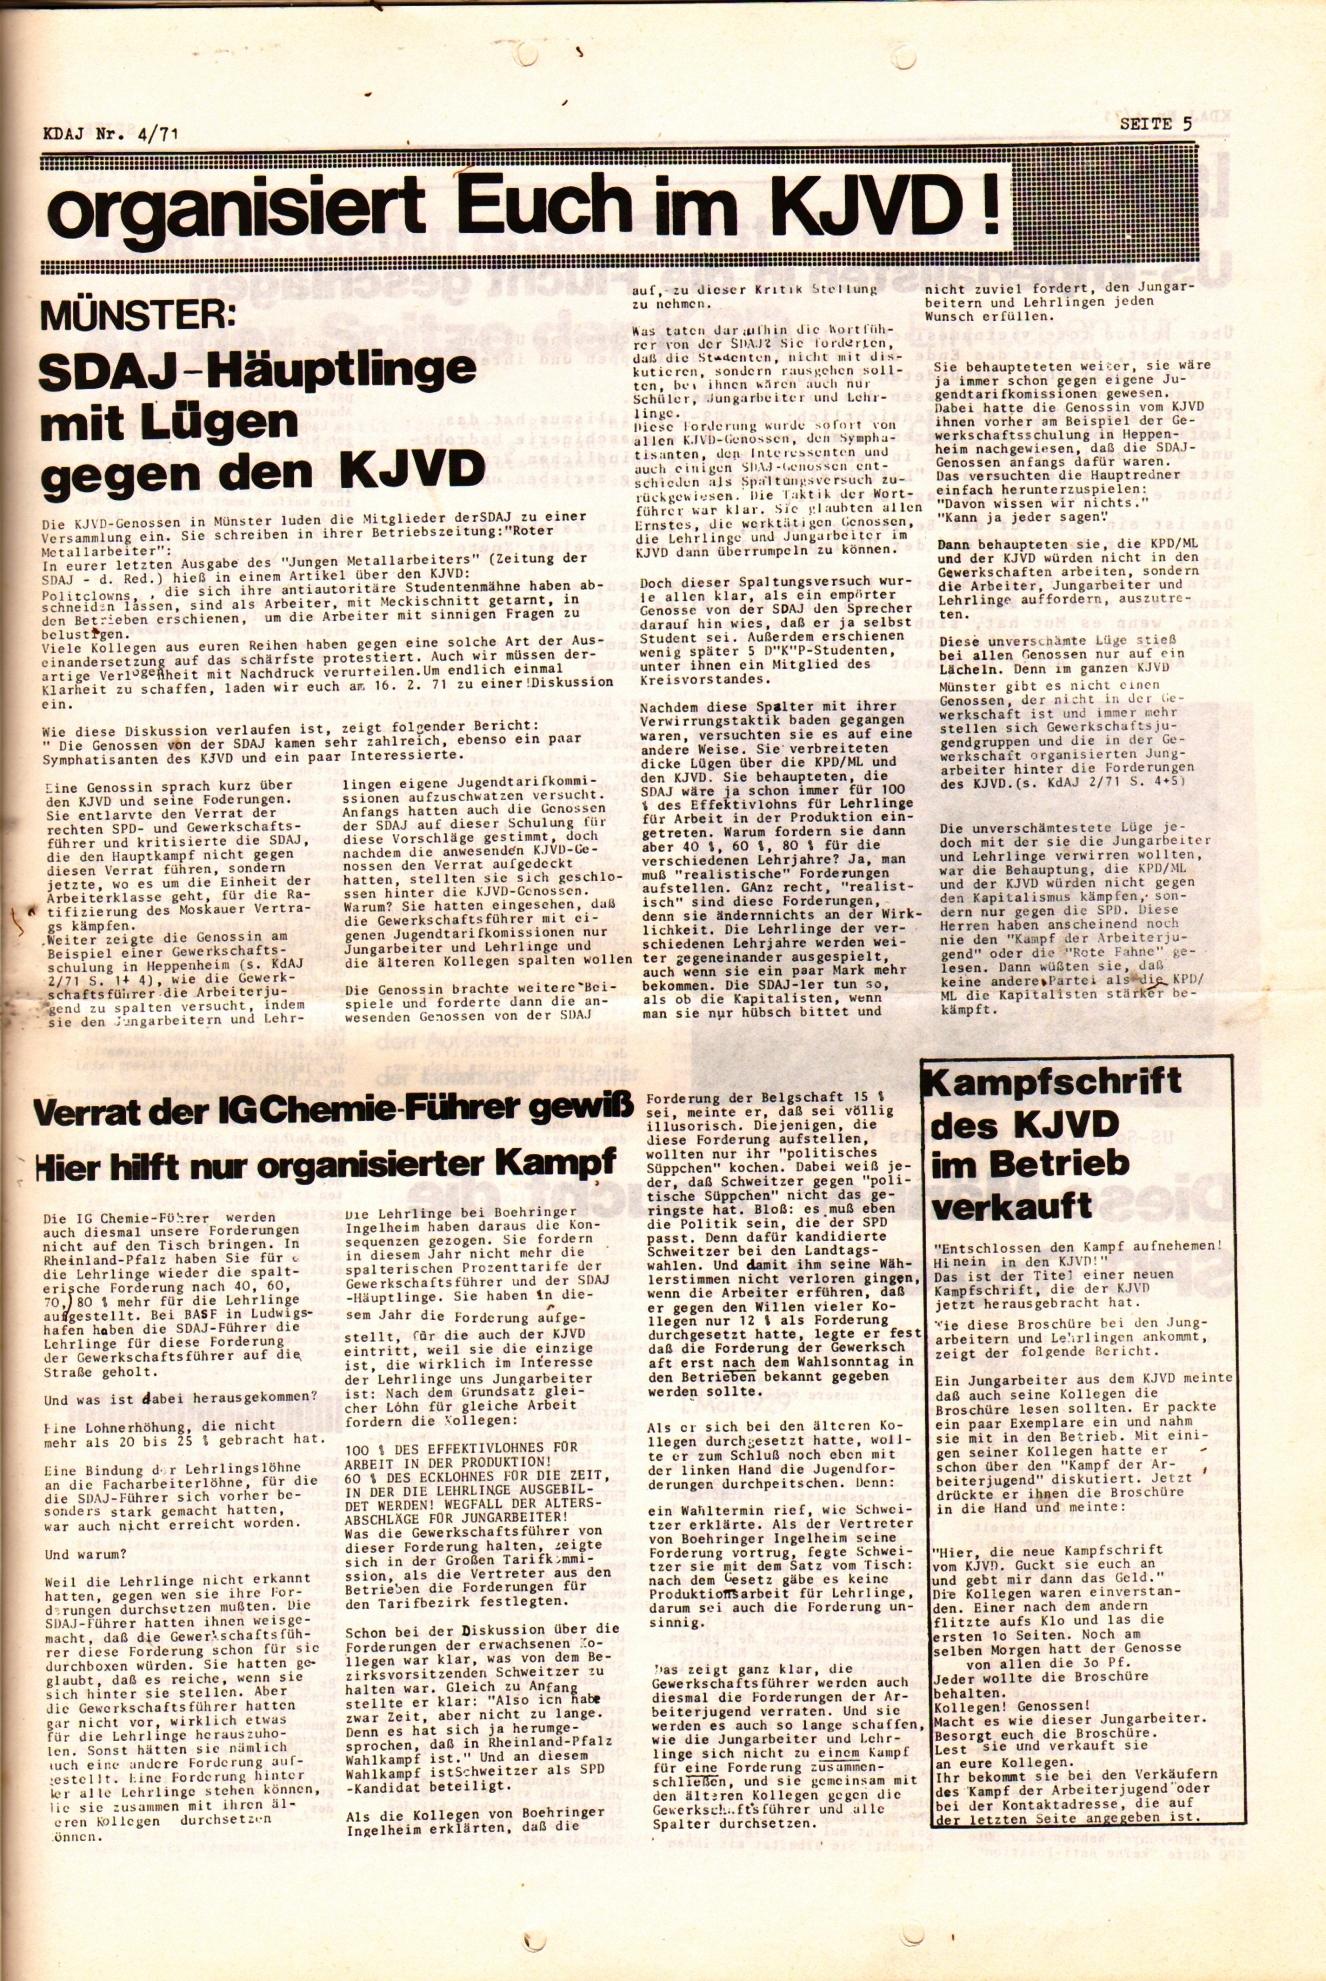 KDAJ, 2. Jg., April 1971, Nr. 4, Seite 5